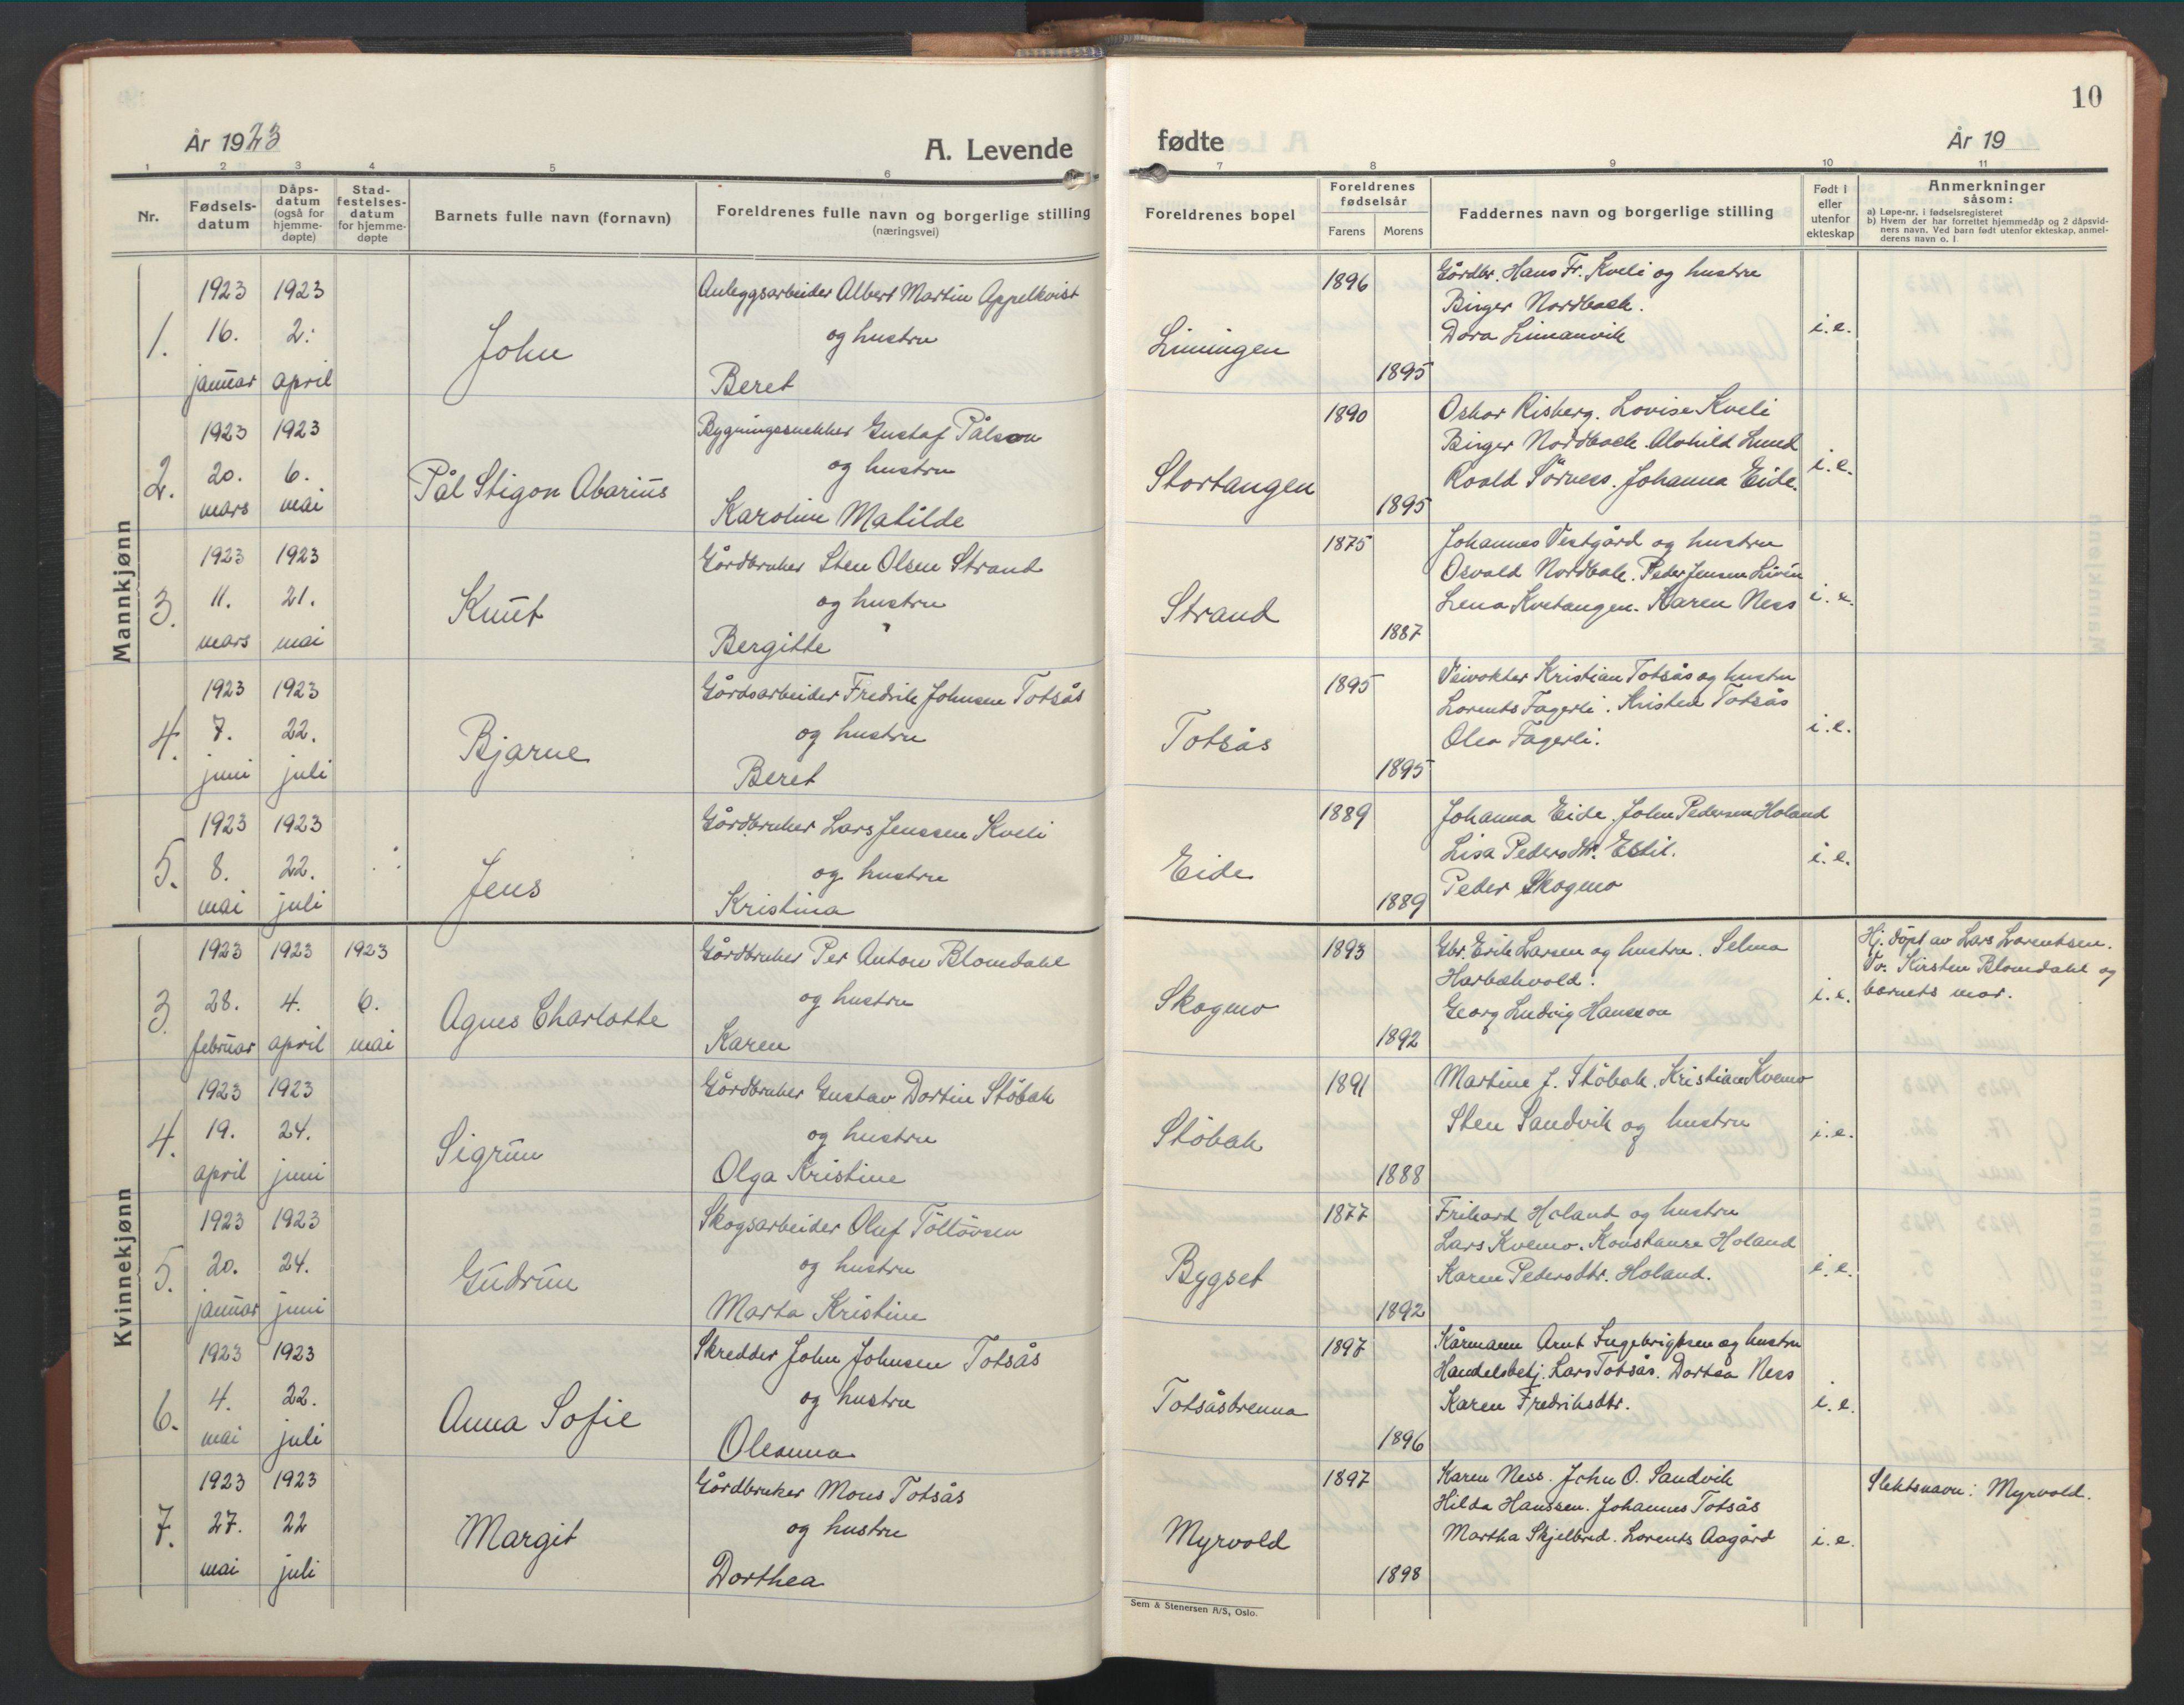 SAT, Ministerialprotokoller, klokkerbøker og fødselsregistre - Nord-Trøndelag, 755/L0500: Klokkerbok nr. 755C01, 1920-1962, s. 10